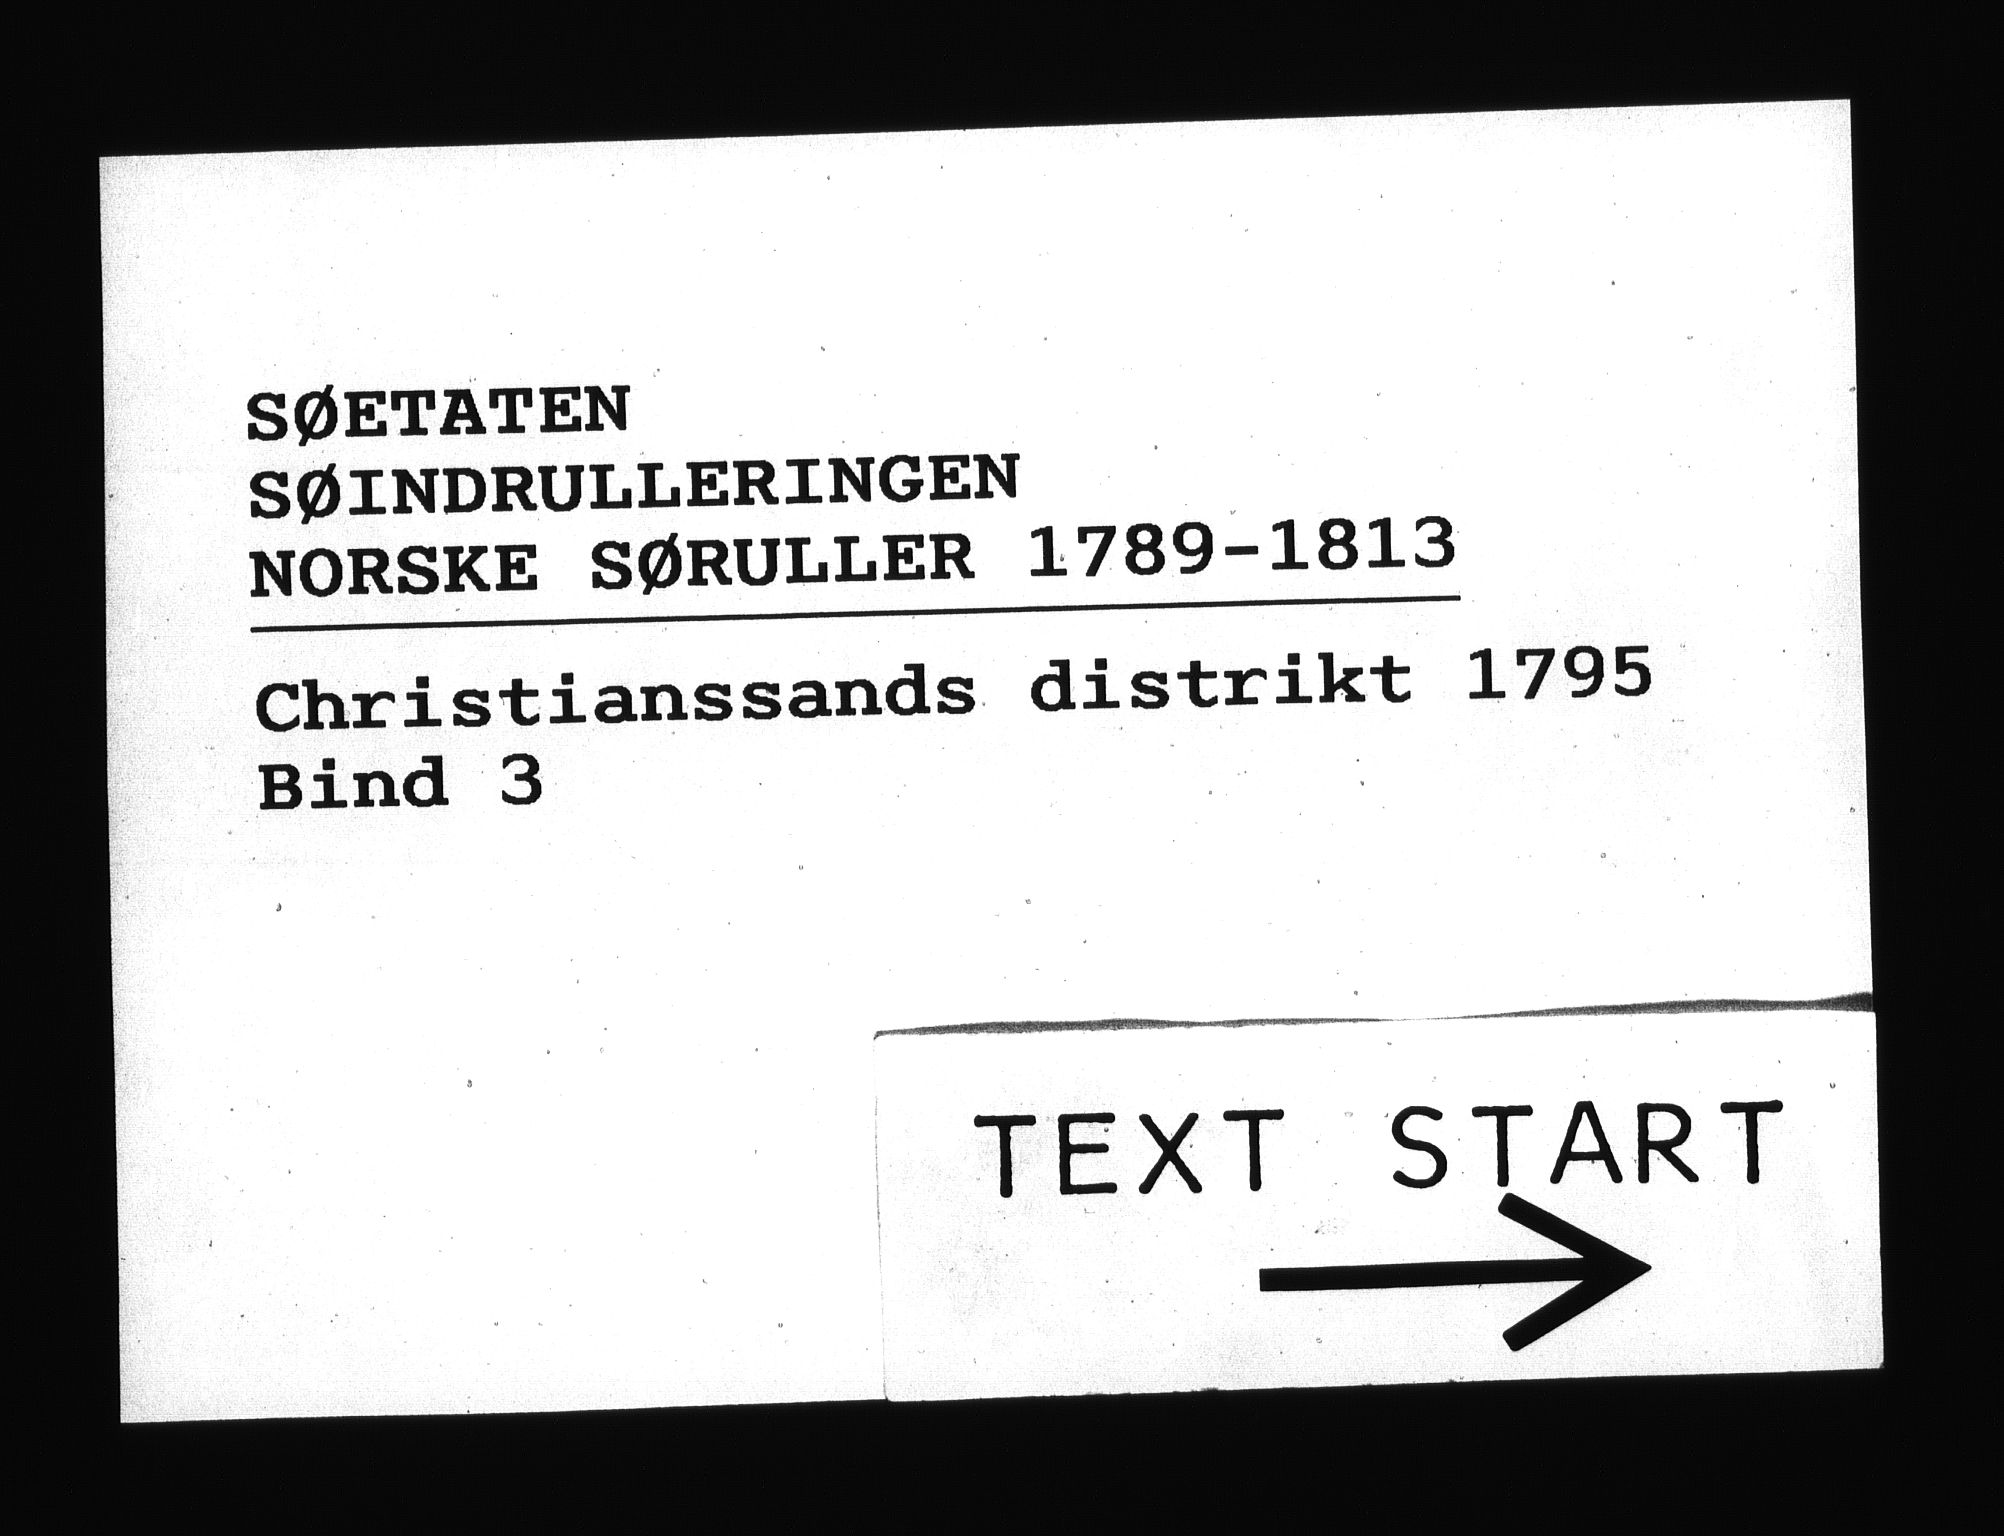 RA, Sjøetaten, F/L0024: Kristiansand distrikt, bind 3, 1795